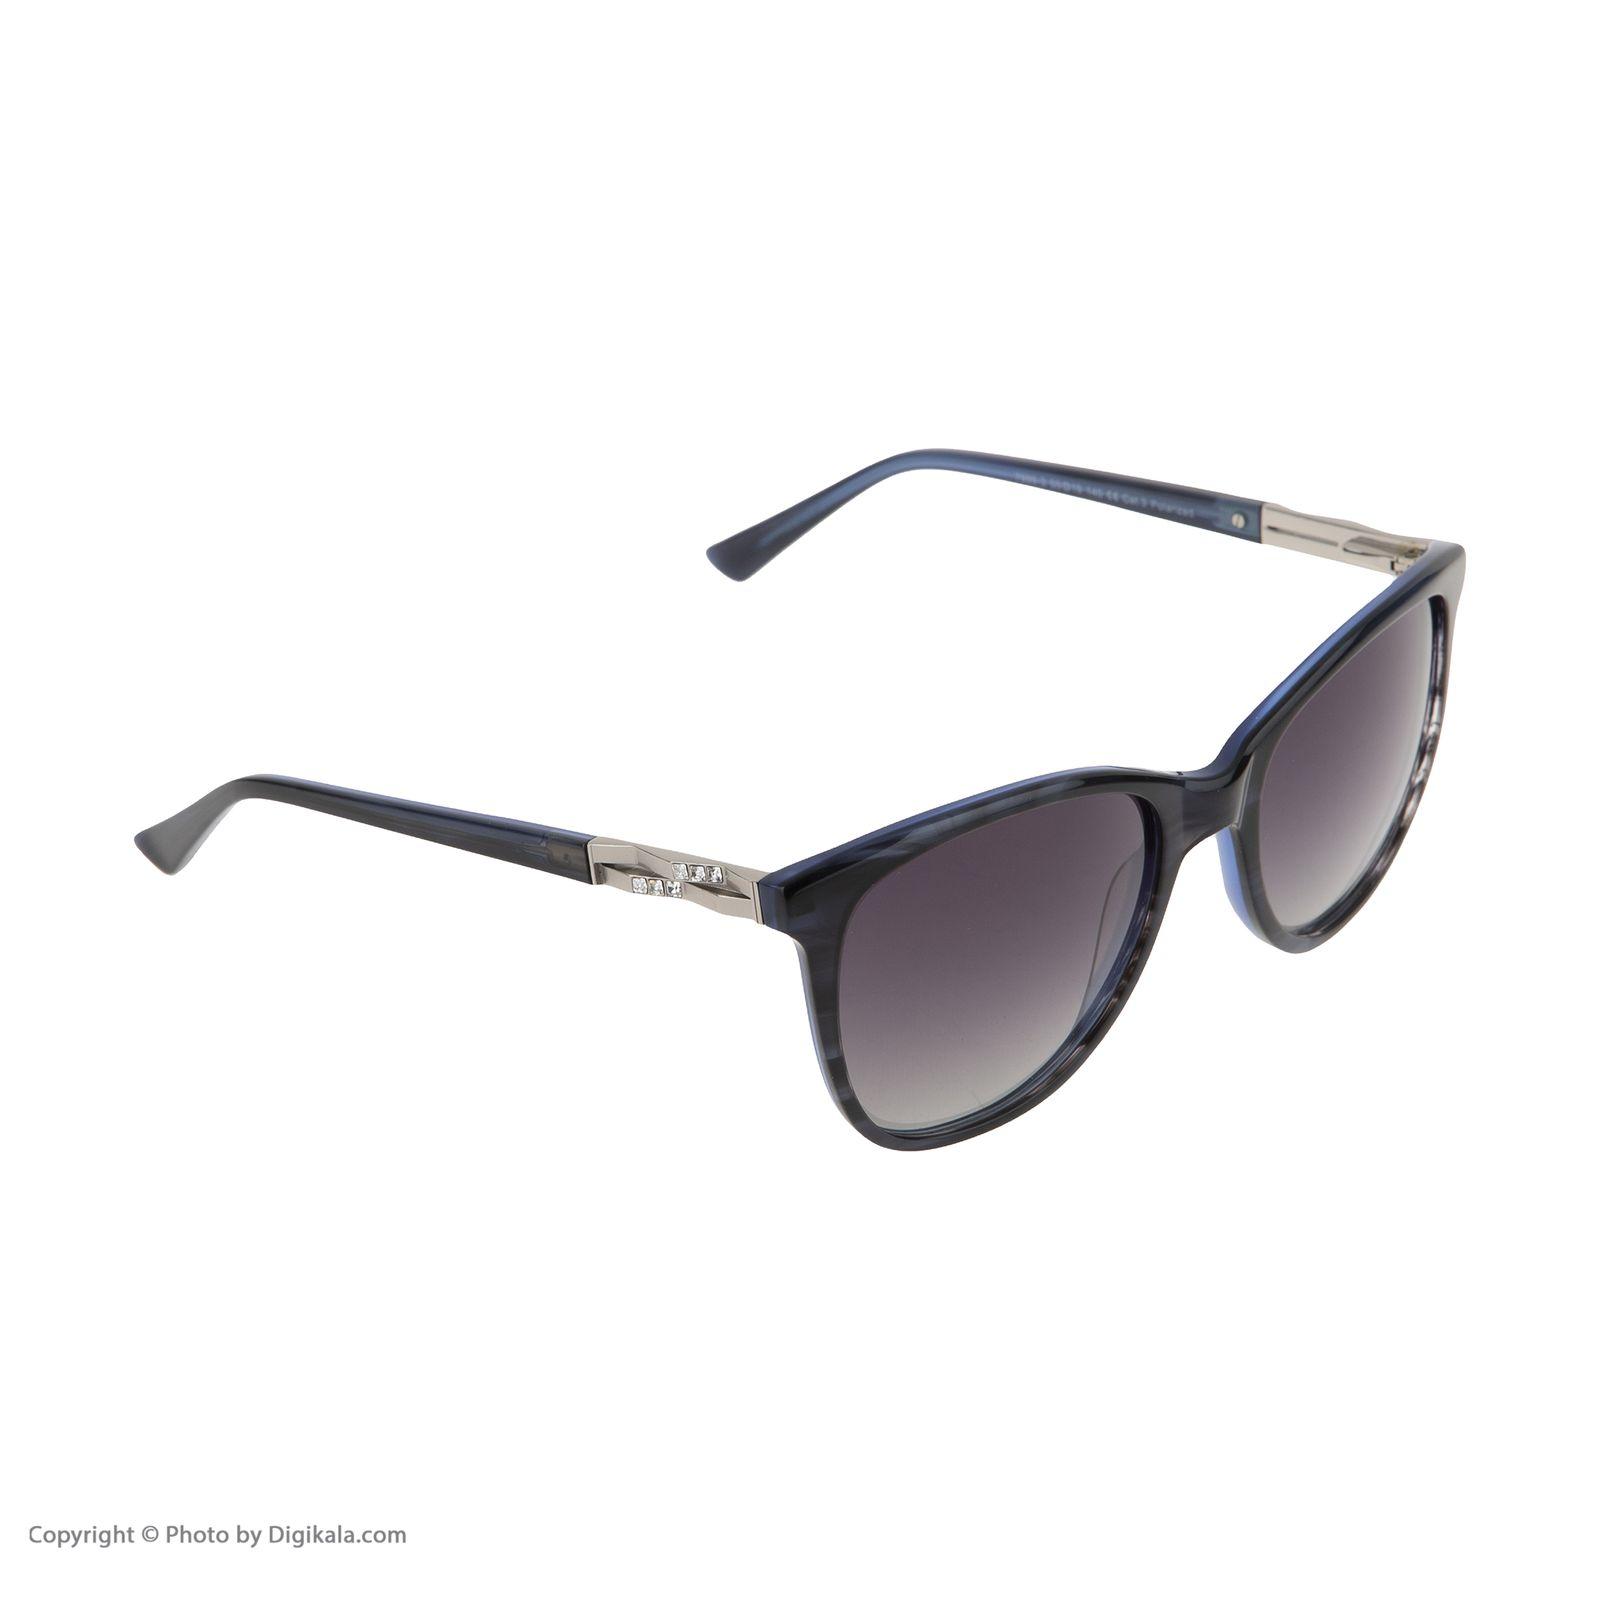 عینک آفتابی زنانه ویستان مدل 7998003 -  - 2